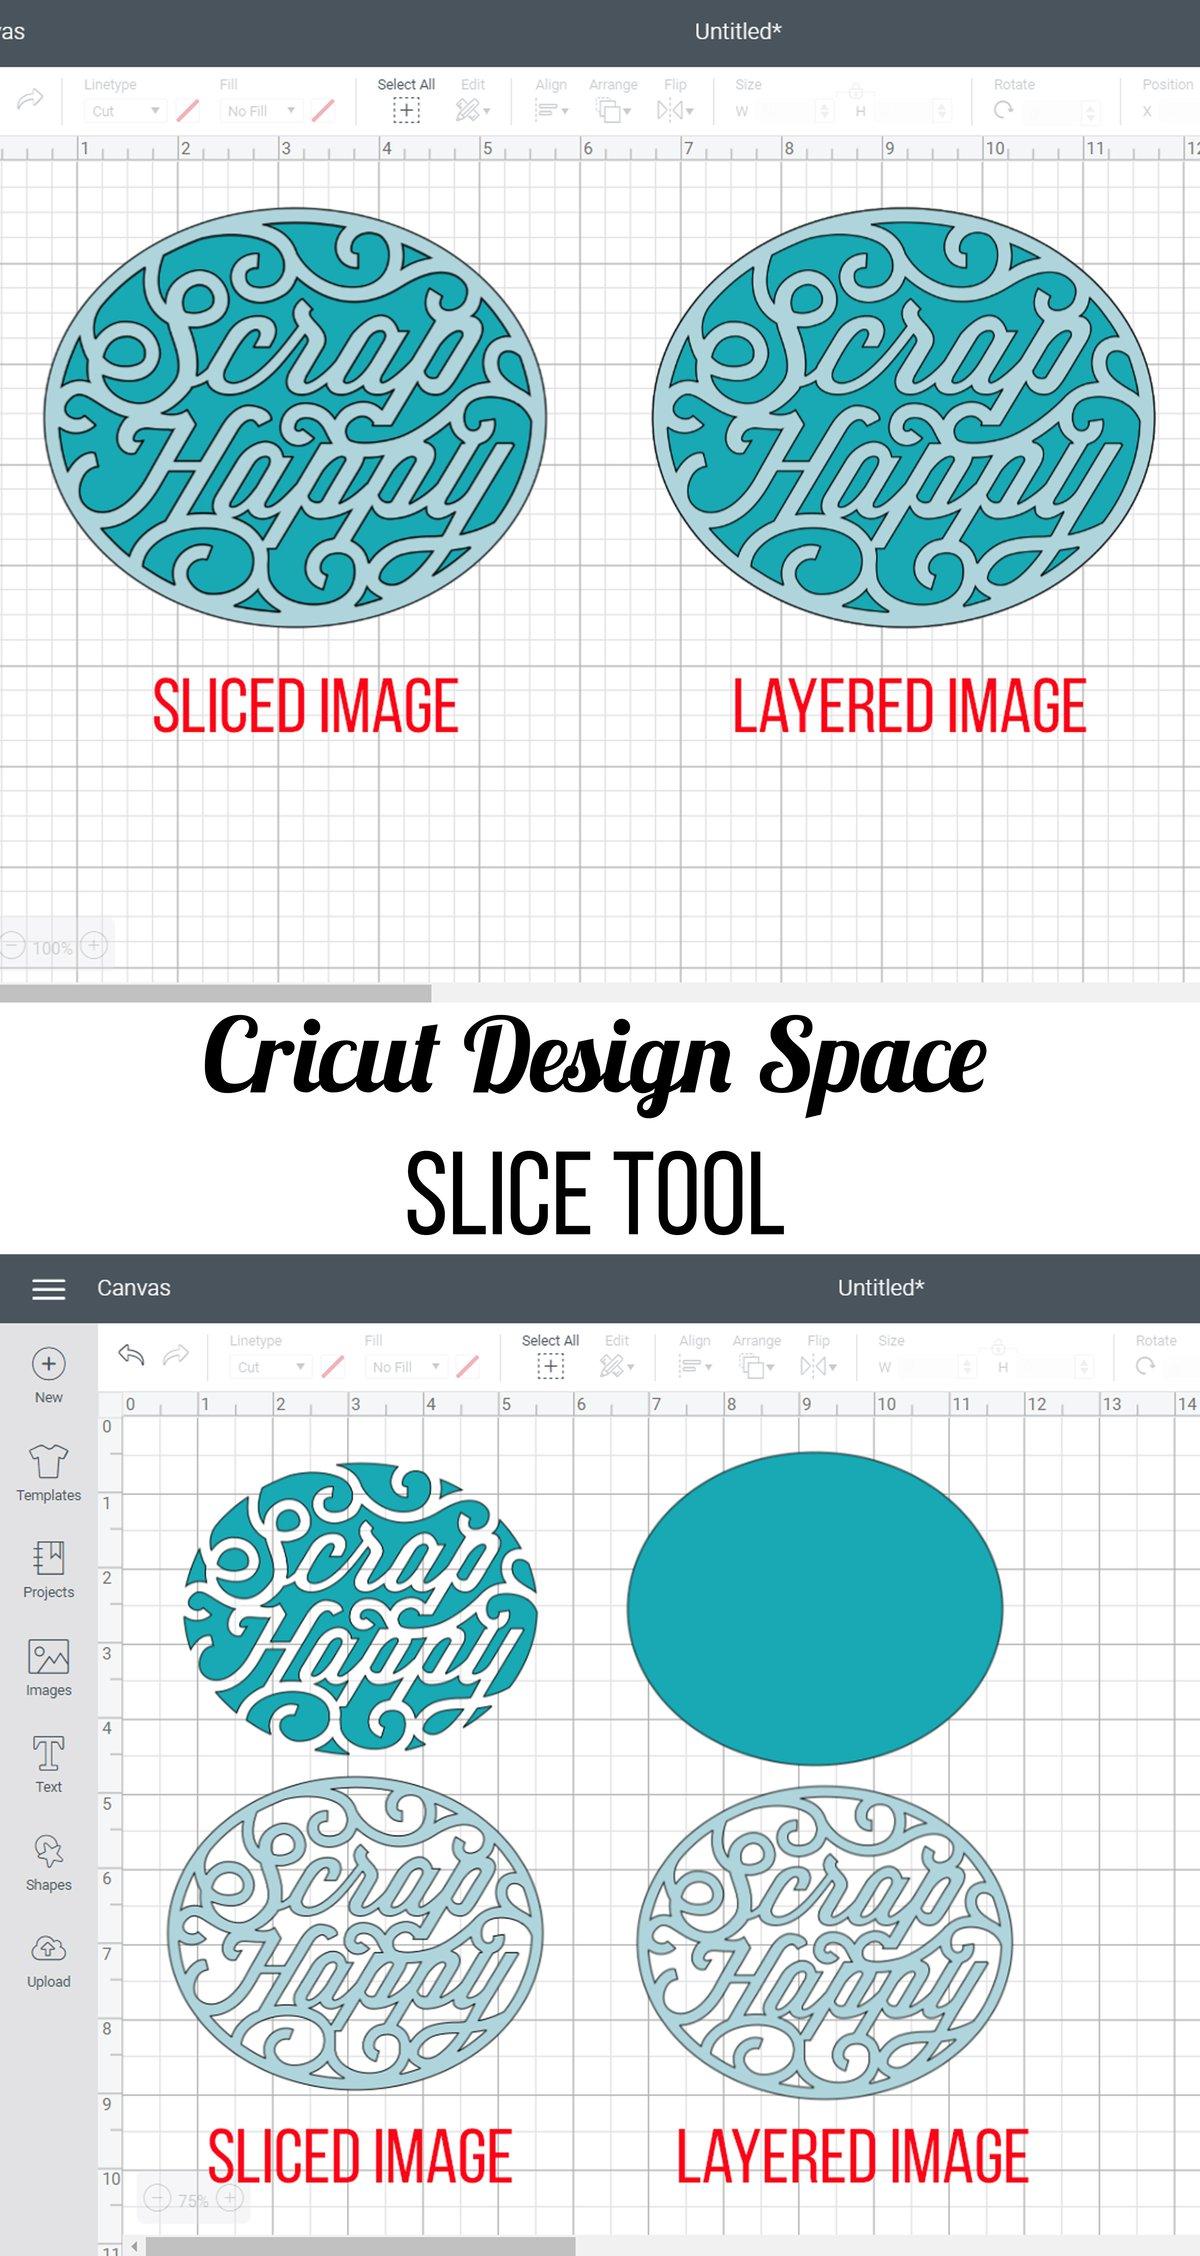 Slice tool - Cricut Design Space